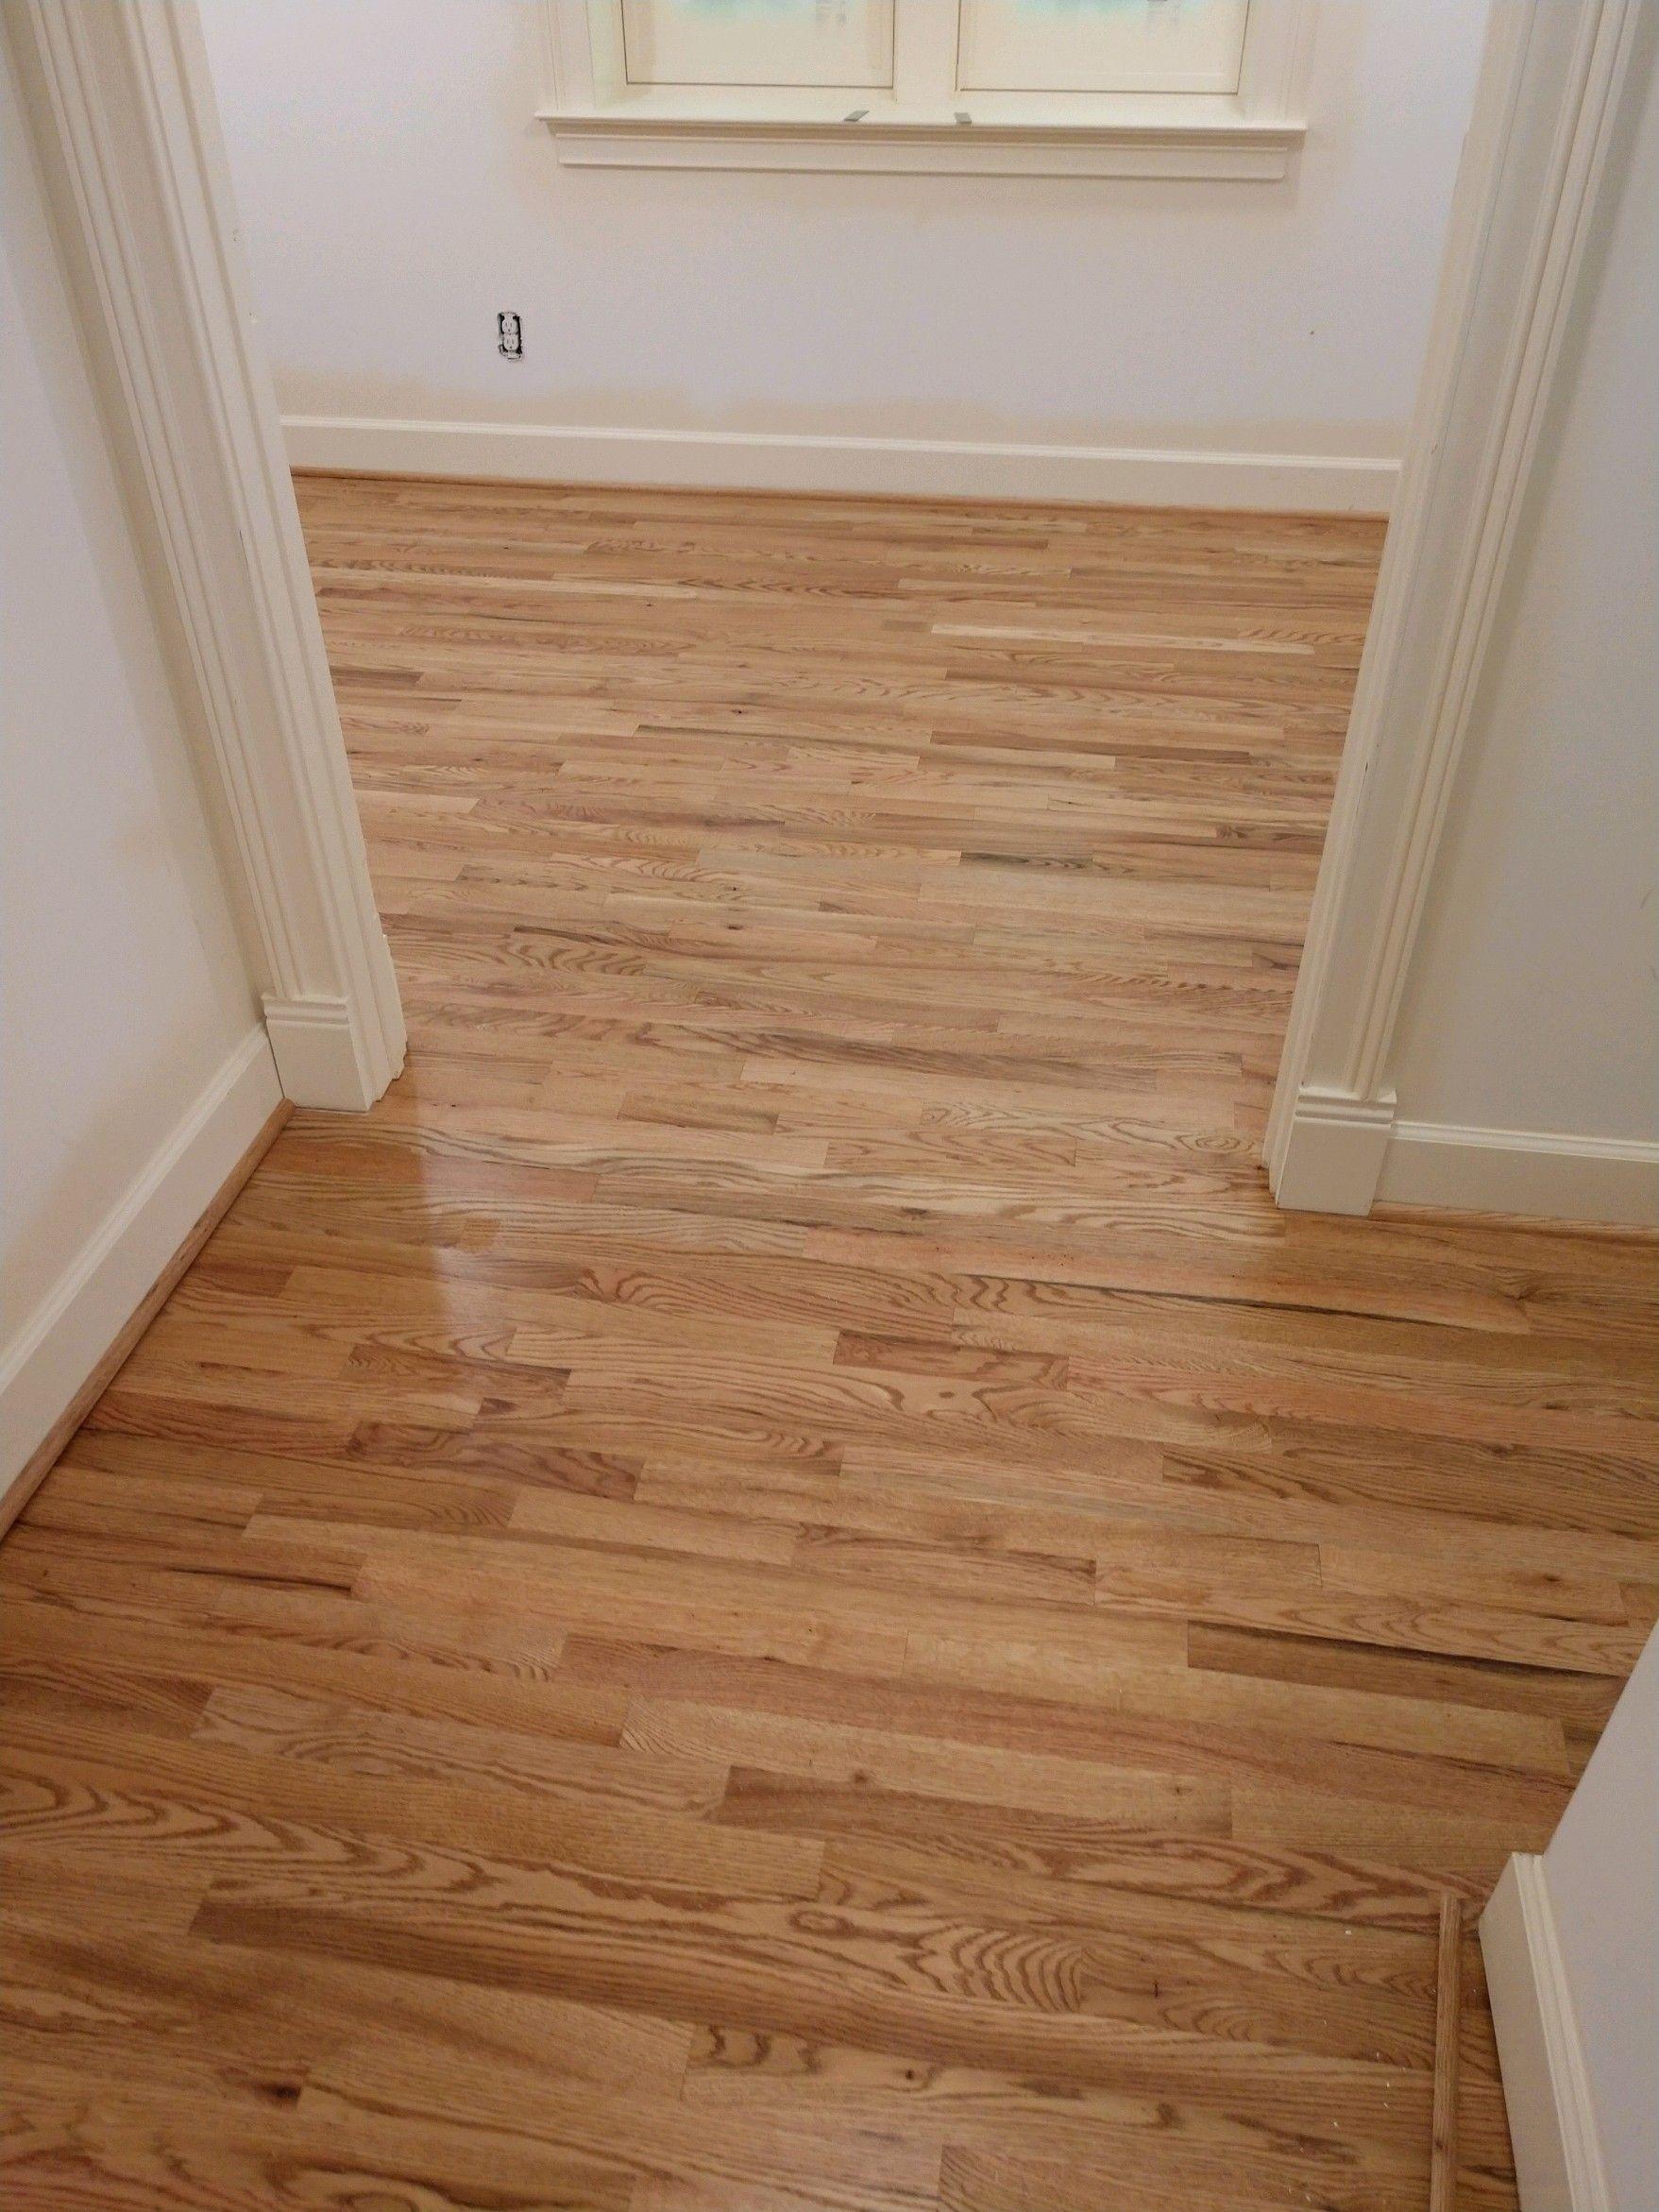 1950s 2 1 4 Red Oak Hardwood Floor Refinished By Smithbrosfloors Com Hardwood Design Hardwood Floors Living Room Wood Floor